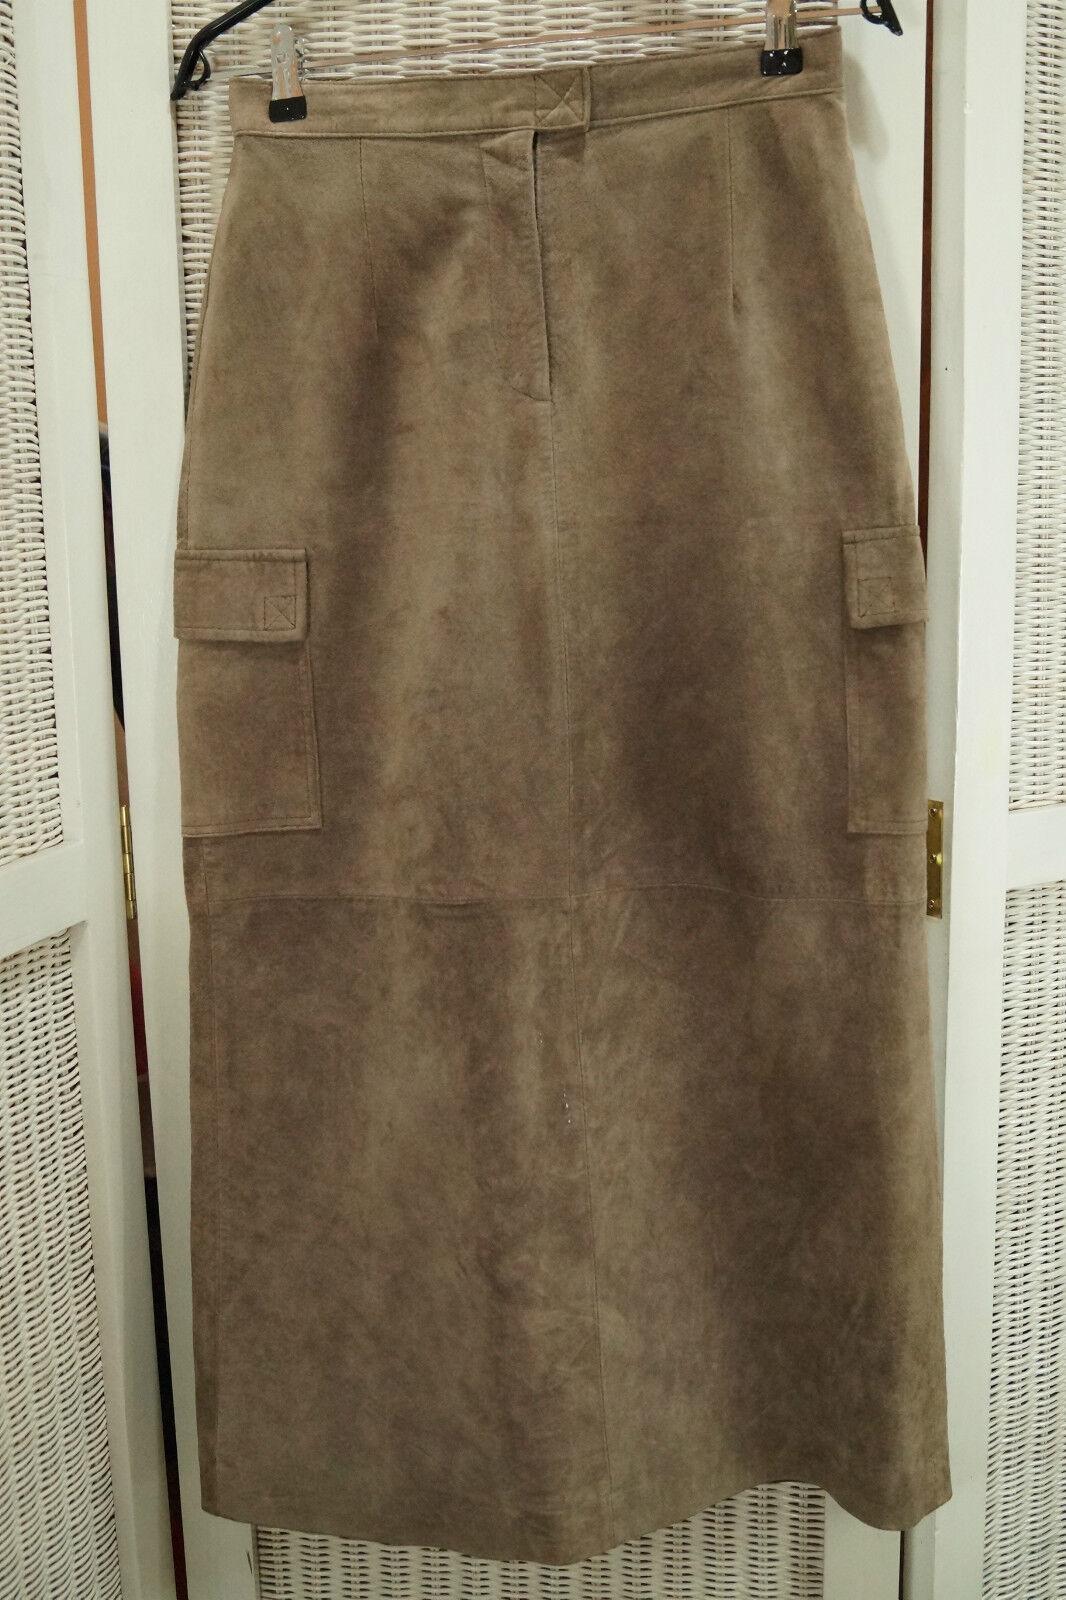 MARGARET GODFREY Vintage Suede Maxi Skirt 30  Waist Petite Bloomingdales Taupe